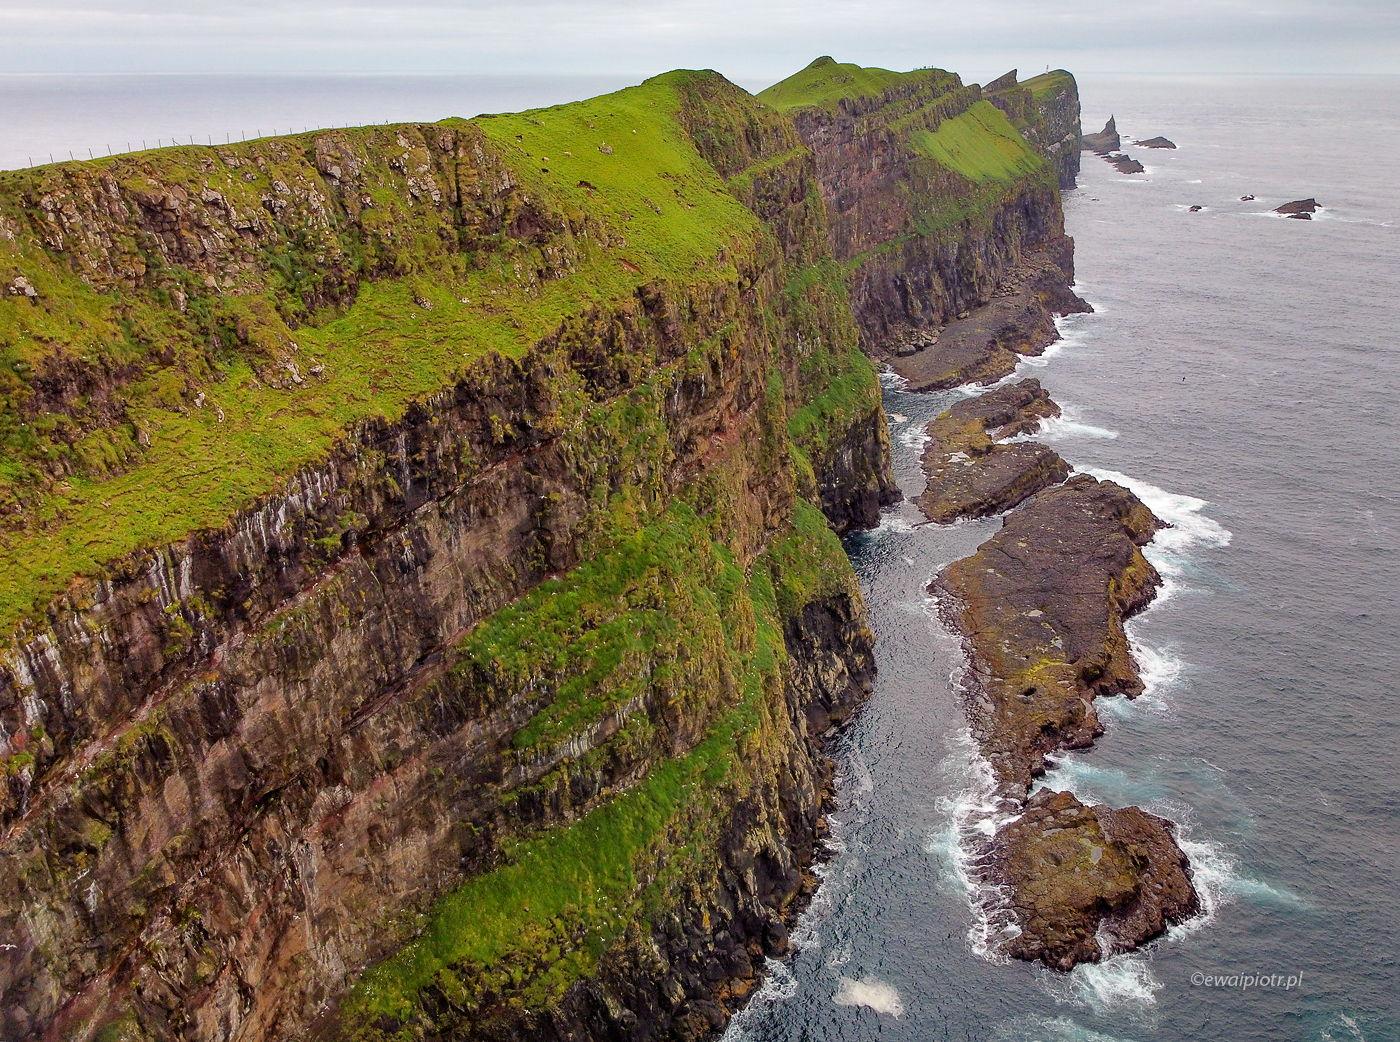 Dron nad Wyspami Owczymi, klif, wyspa Mykines, Faroe Islands